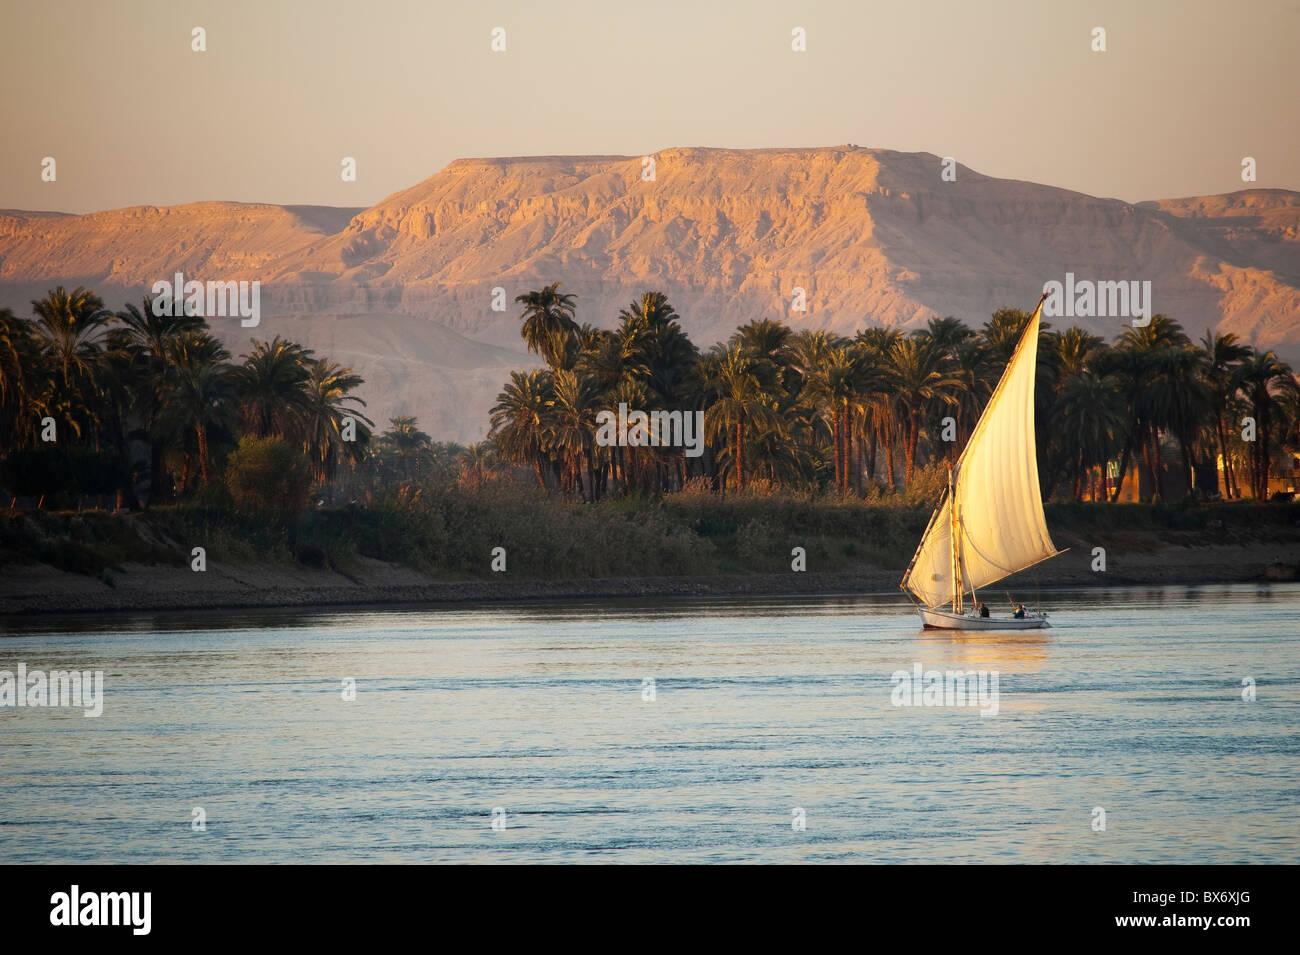 Une magnifique et belle image d'un voilier traditionnel égyptien appelé une felouque sur le Nil au Photo Stock